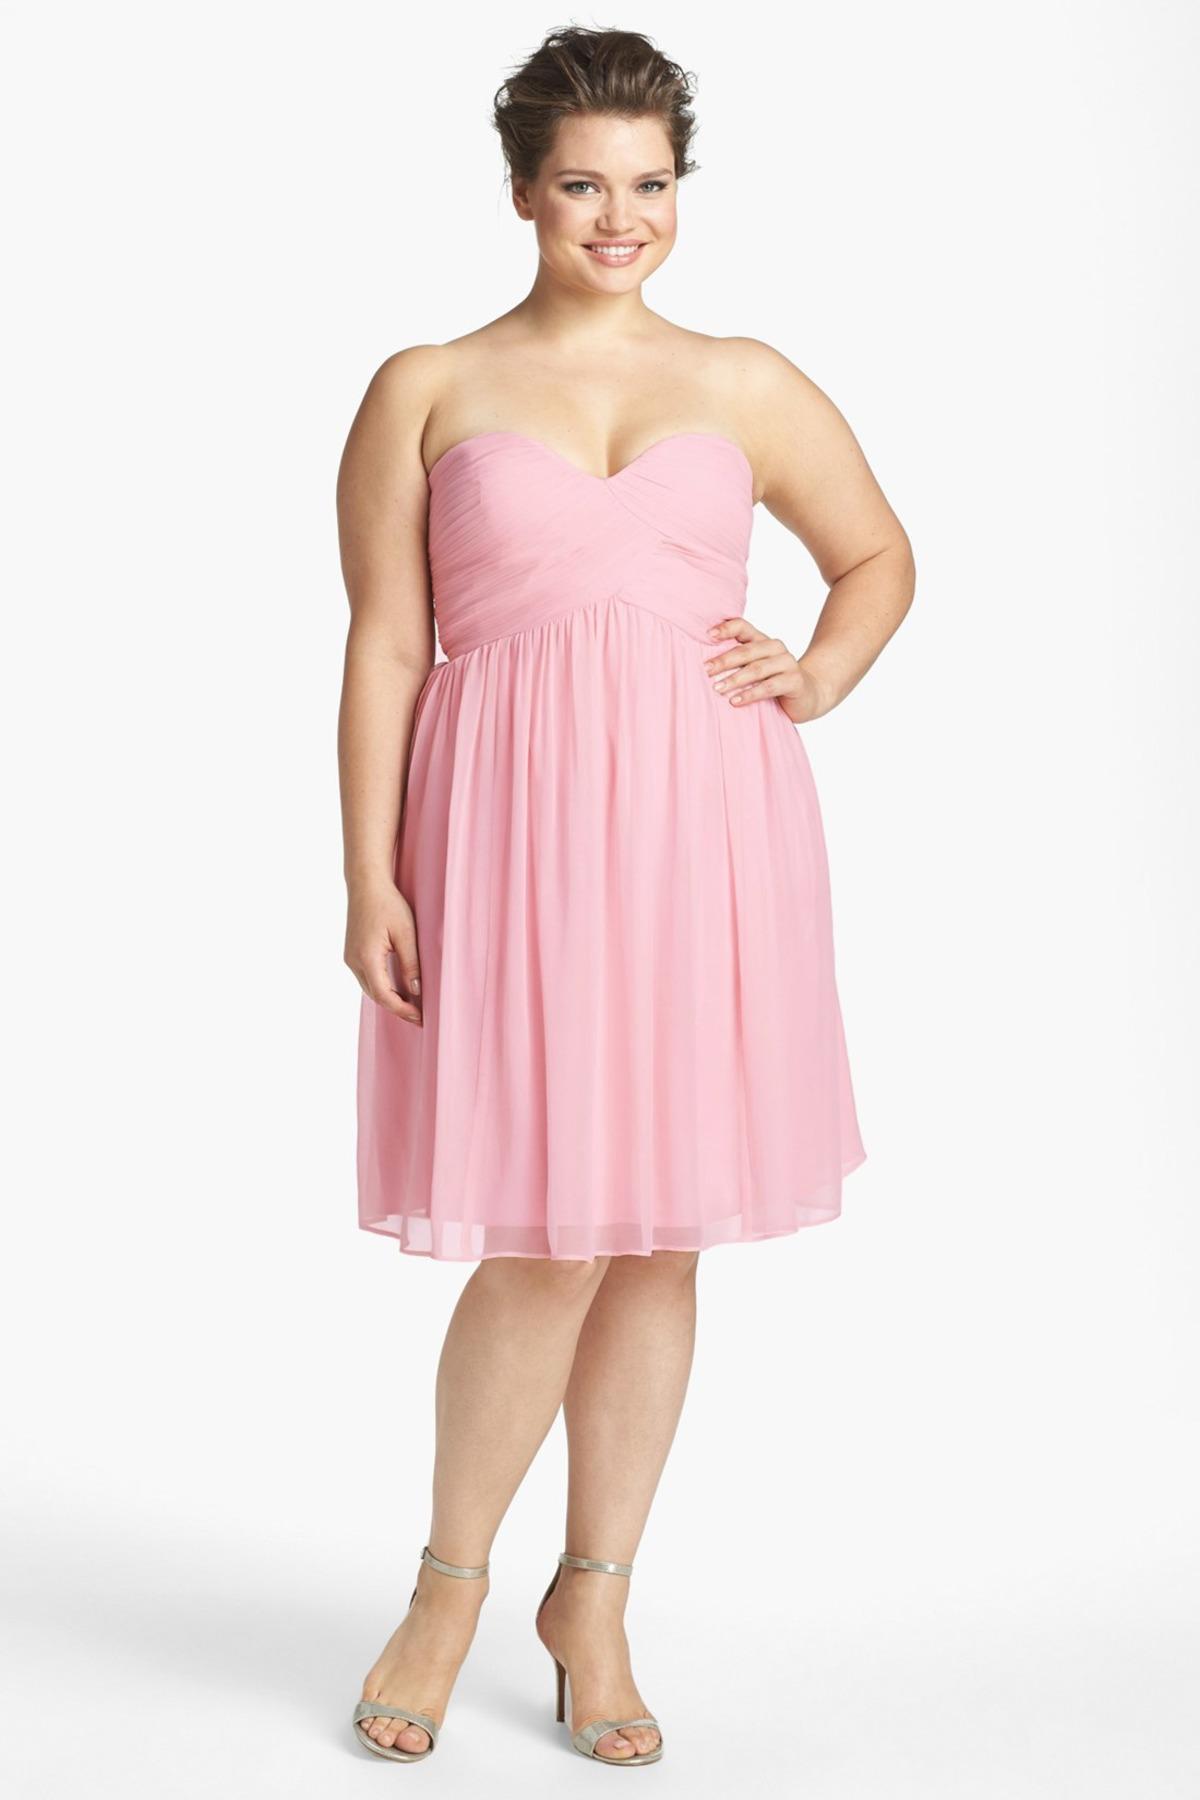 Chiffon strapless dress